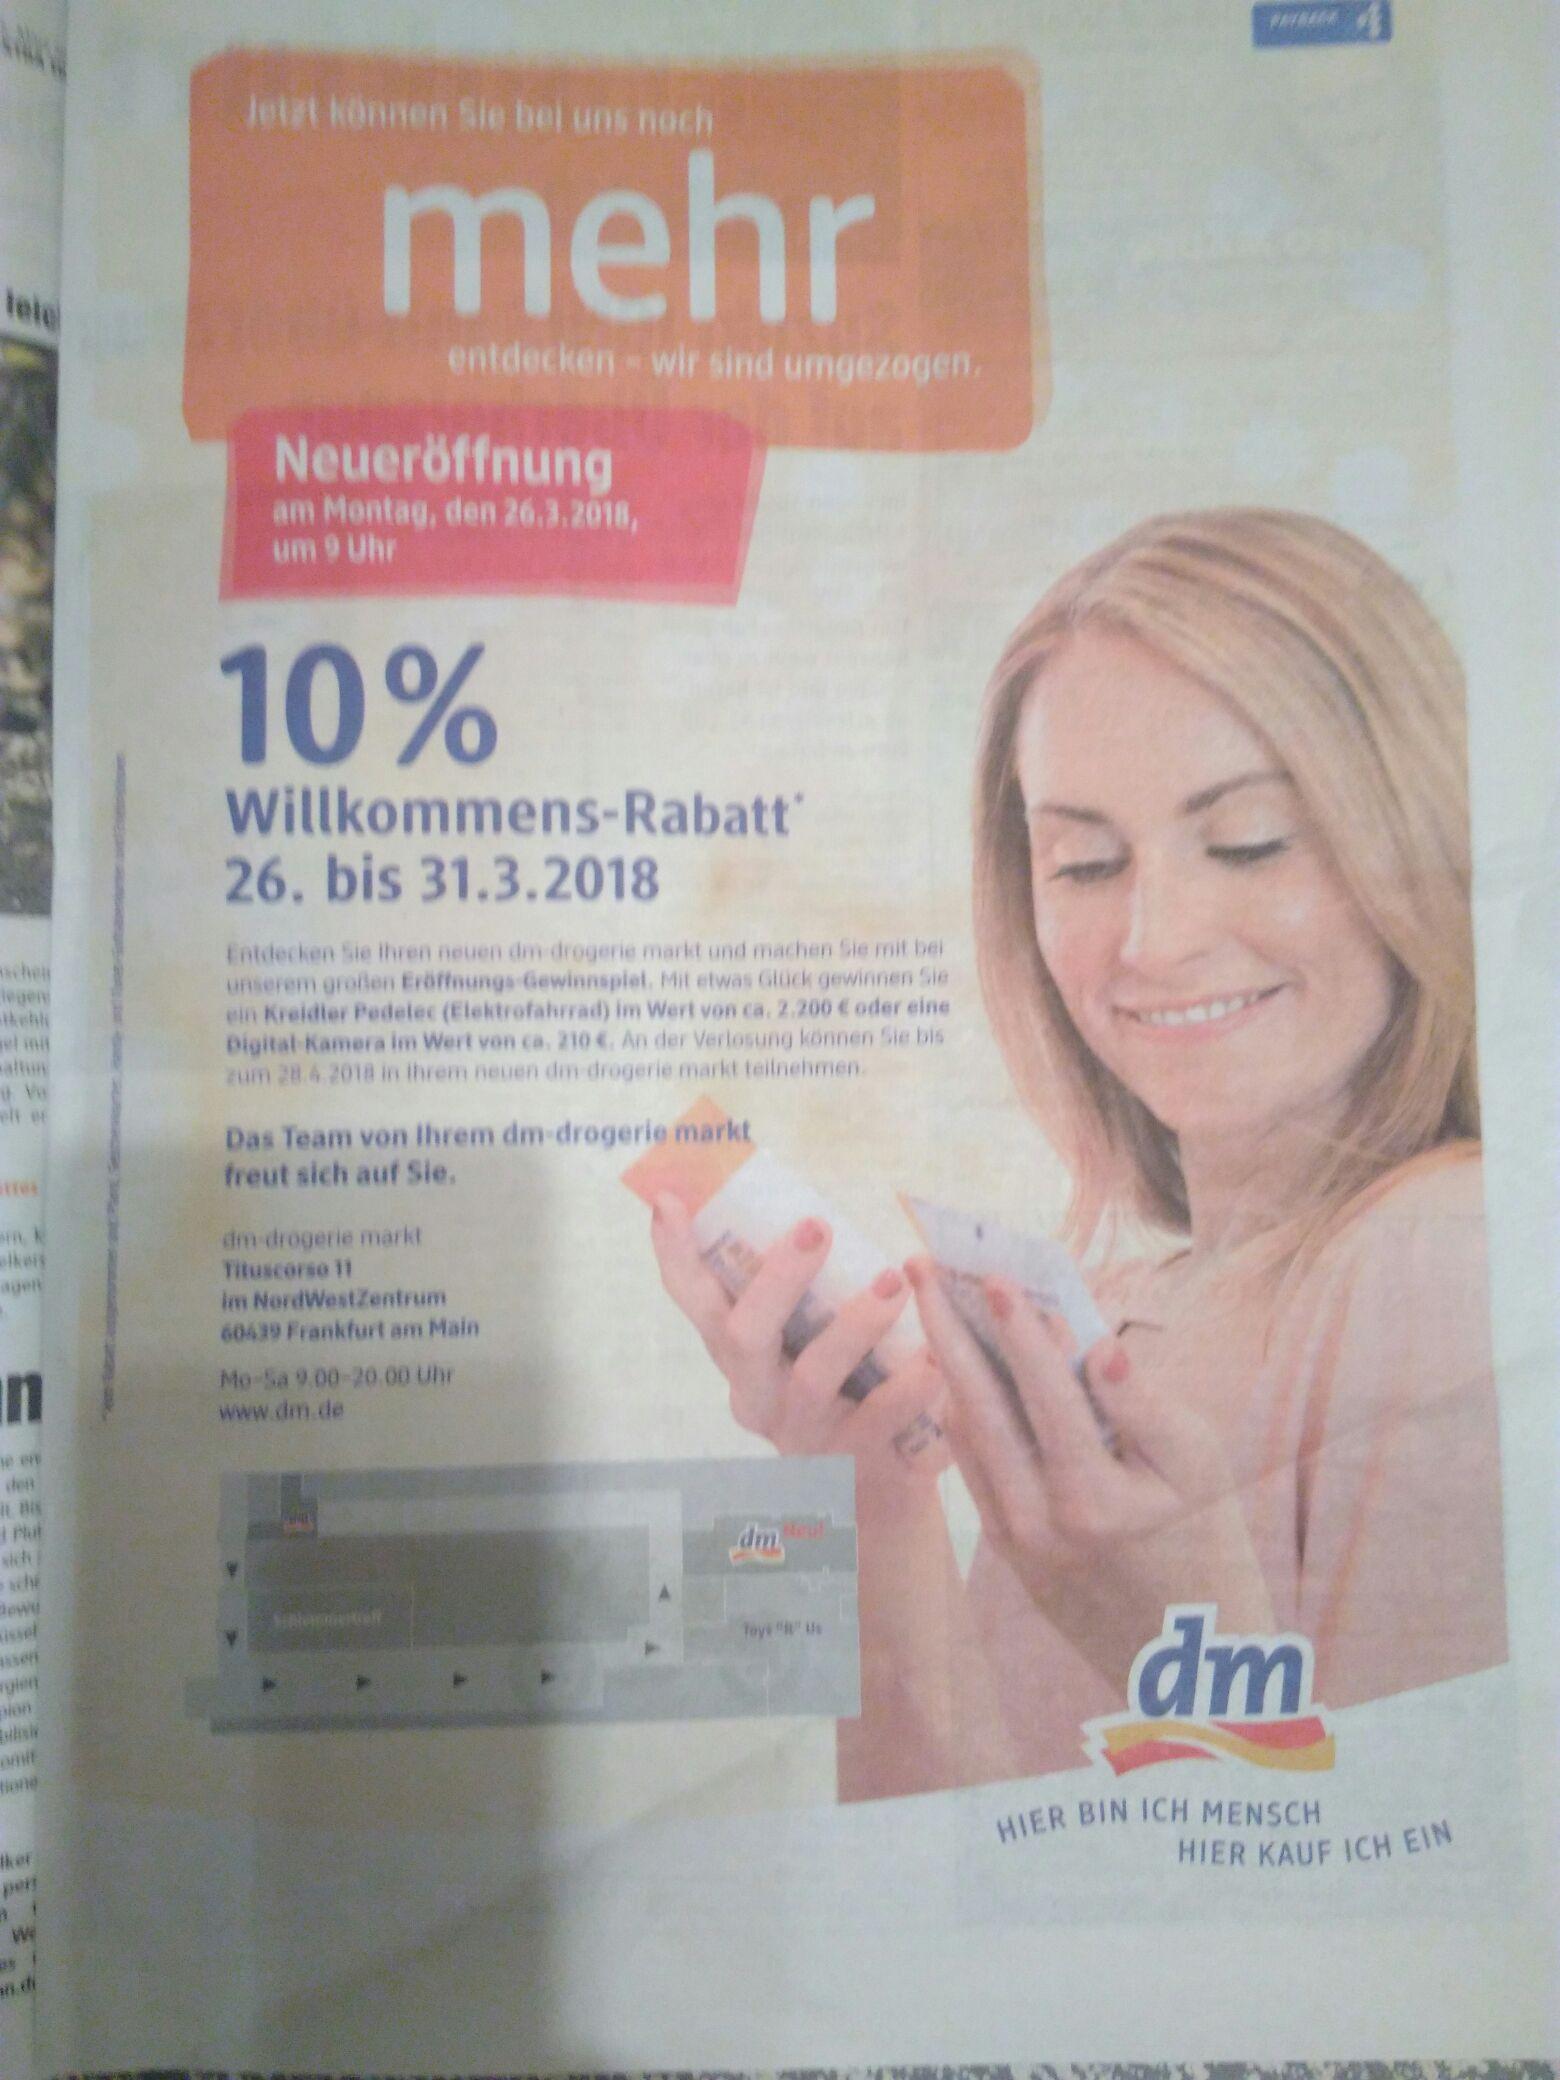 (LOKAL) 10% Willkommensrabatt im dm-drogerie Markt in Frankfurt/Main-NordwestZentrum, Tituscorso 11 (Neueröffnung am 26.3.2018)